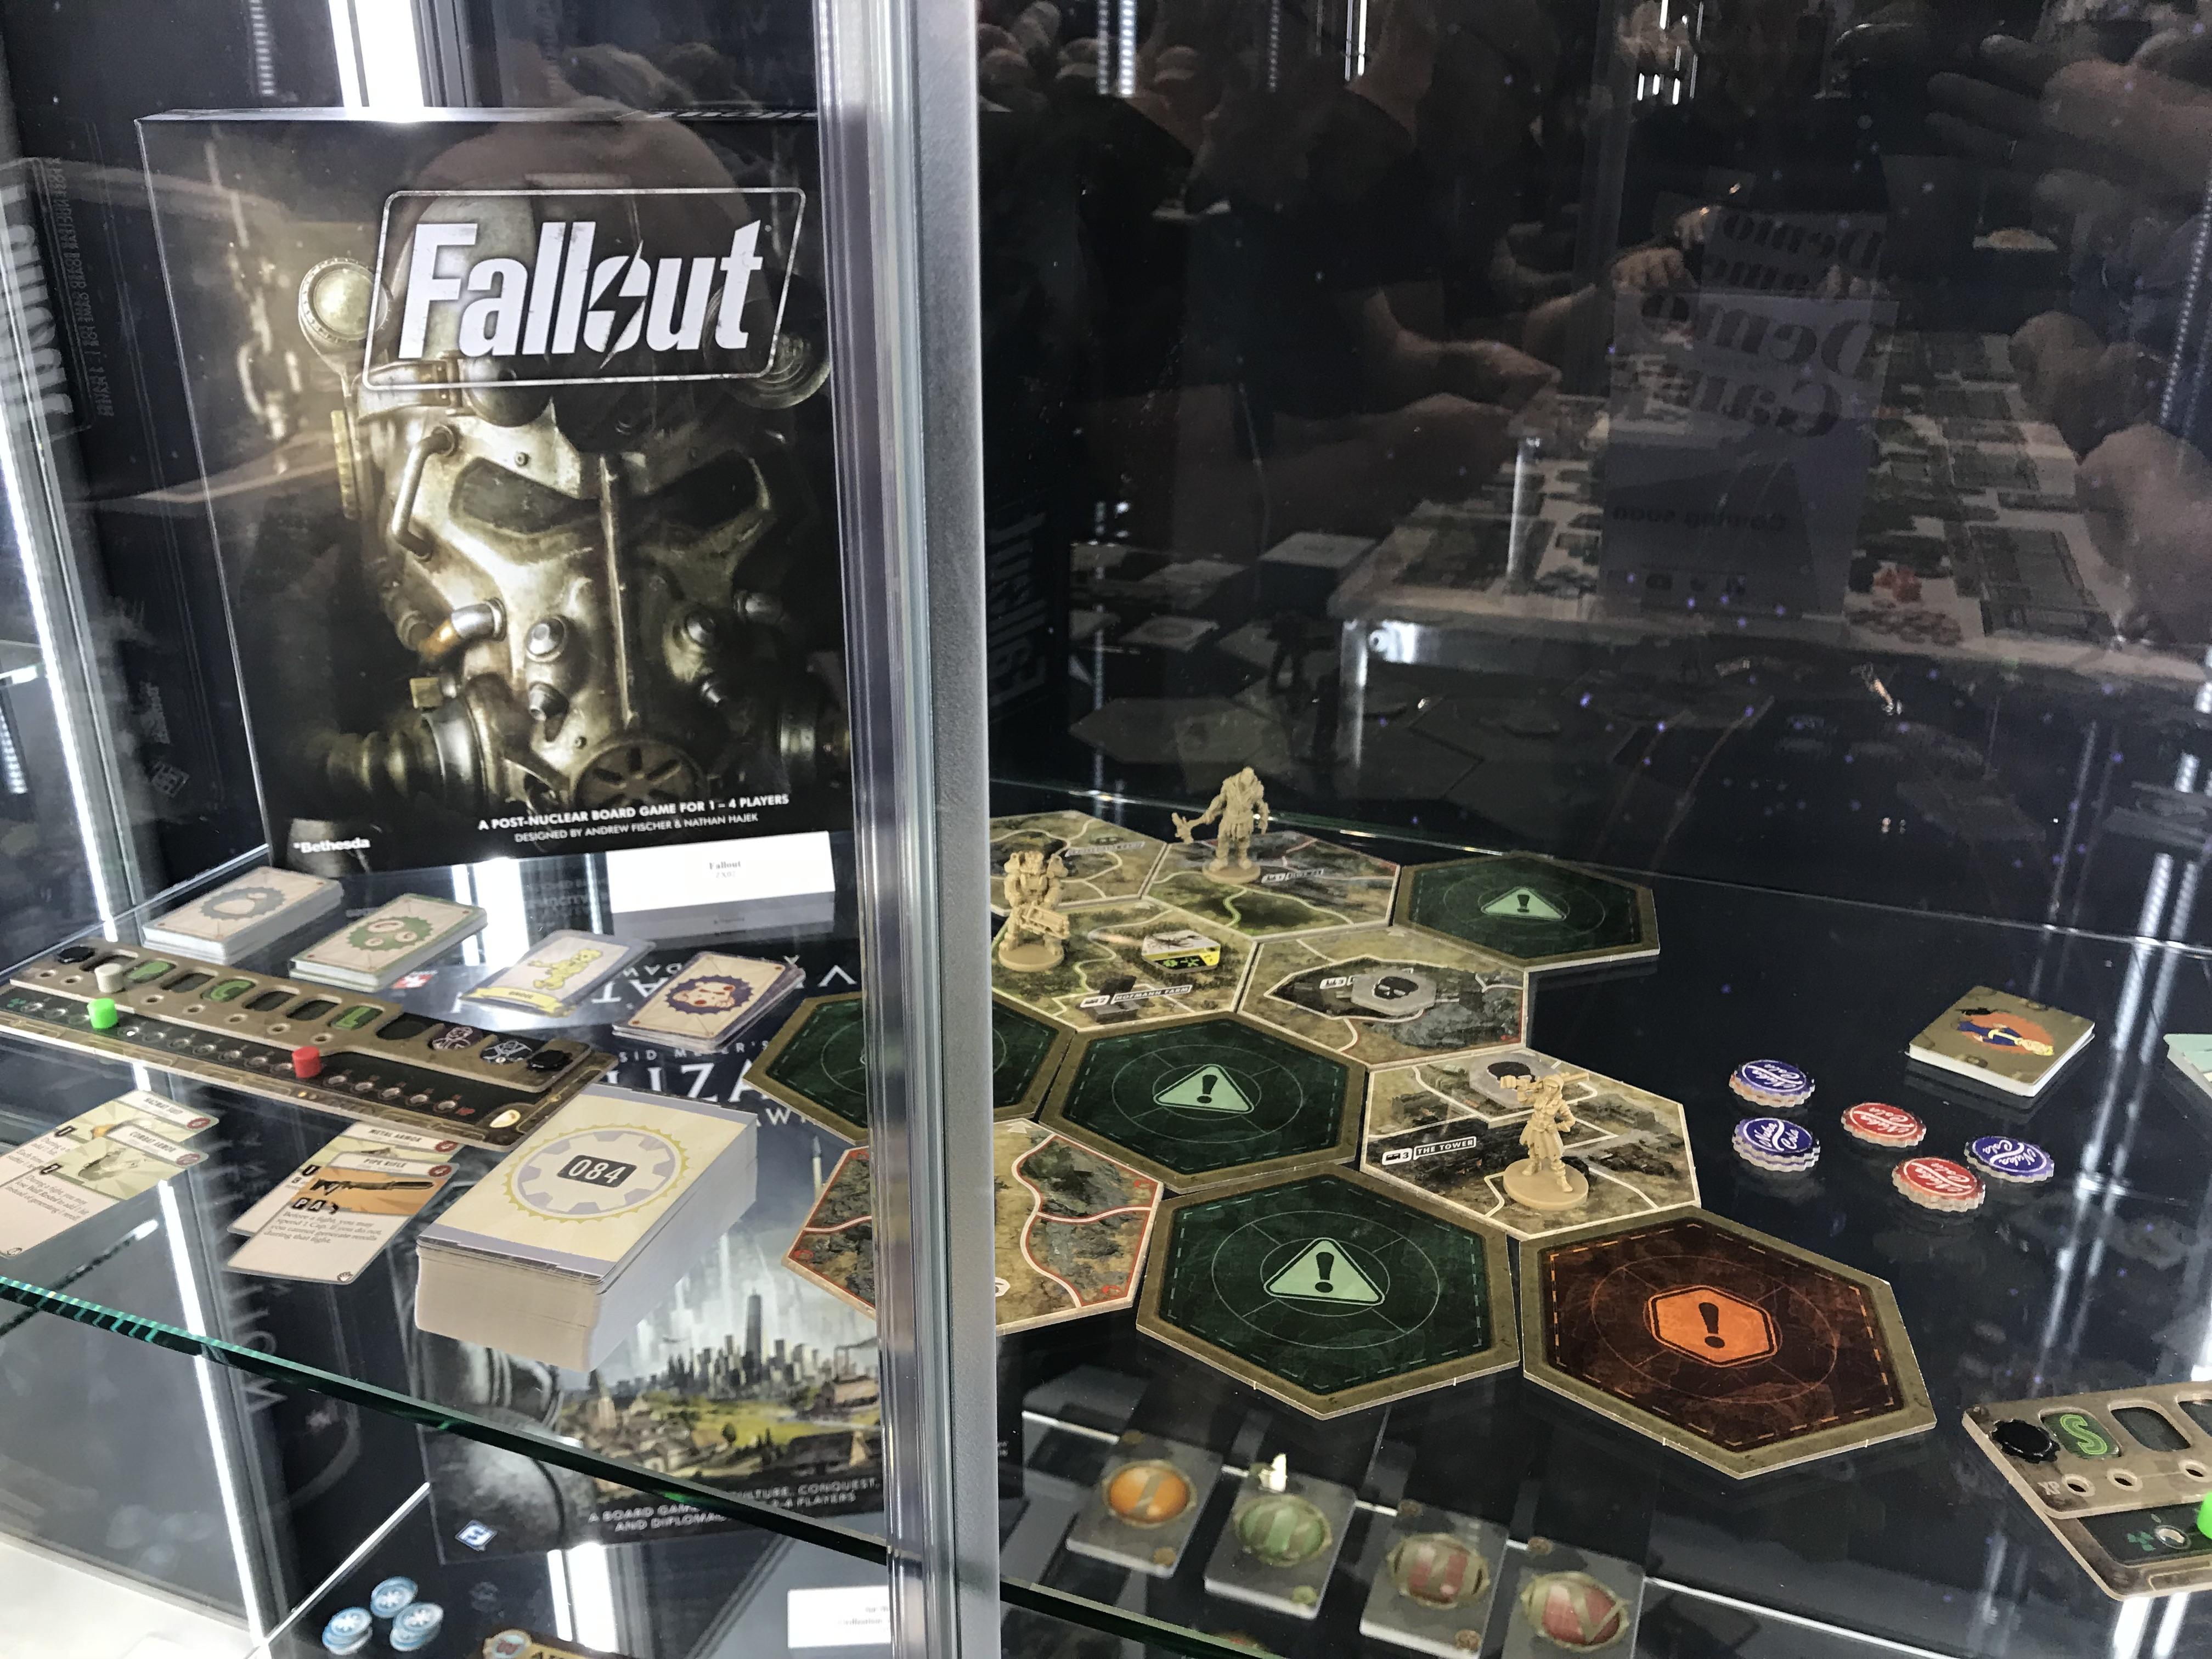 Fallout. Bientôt. Qui va tout déchirer